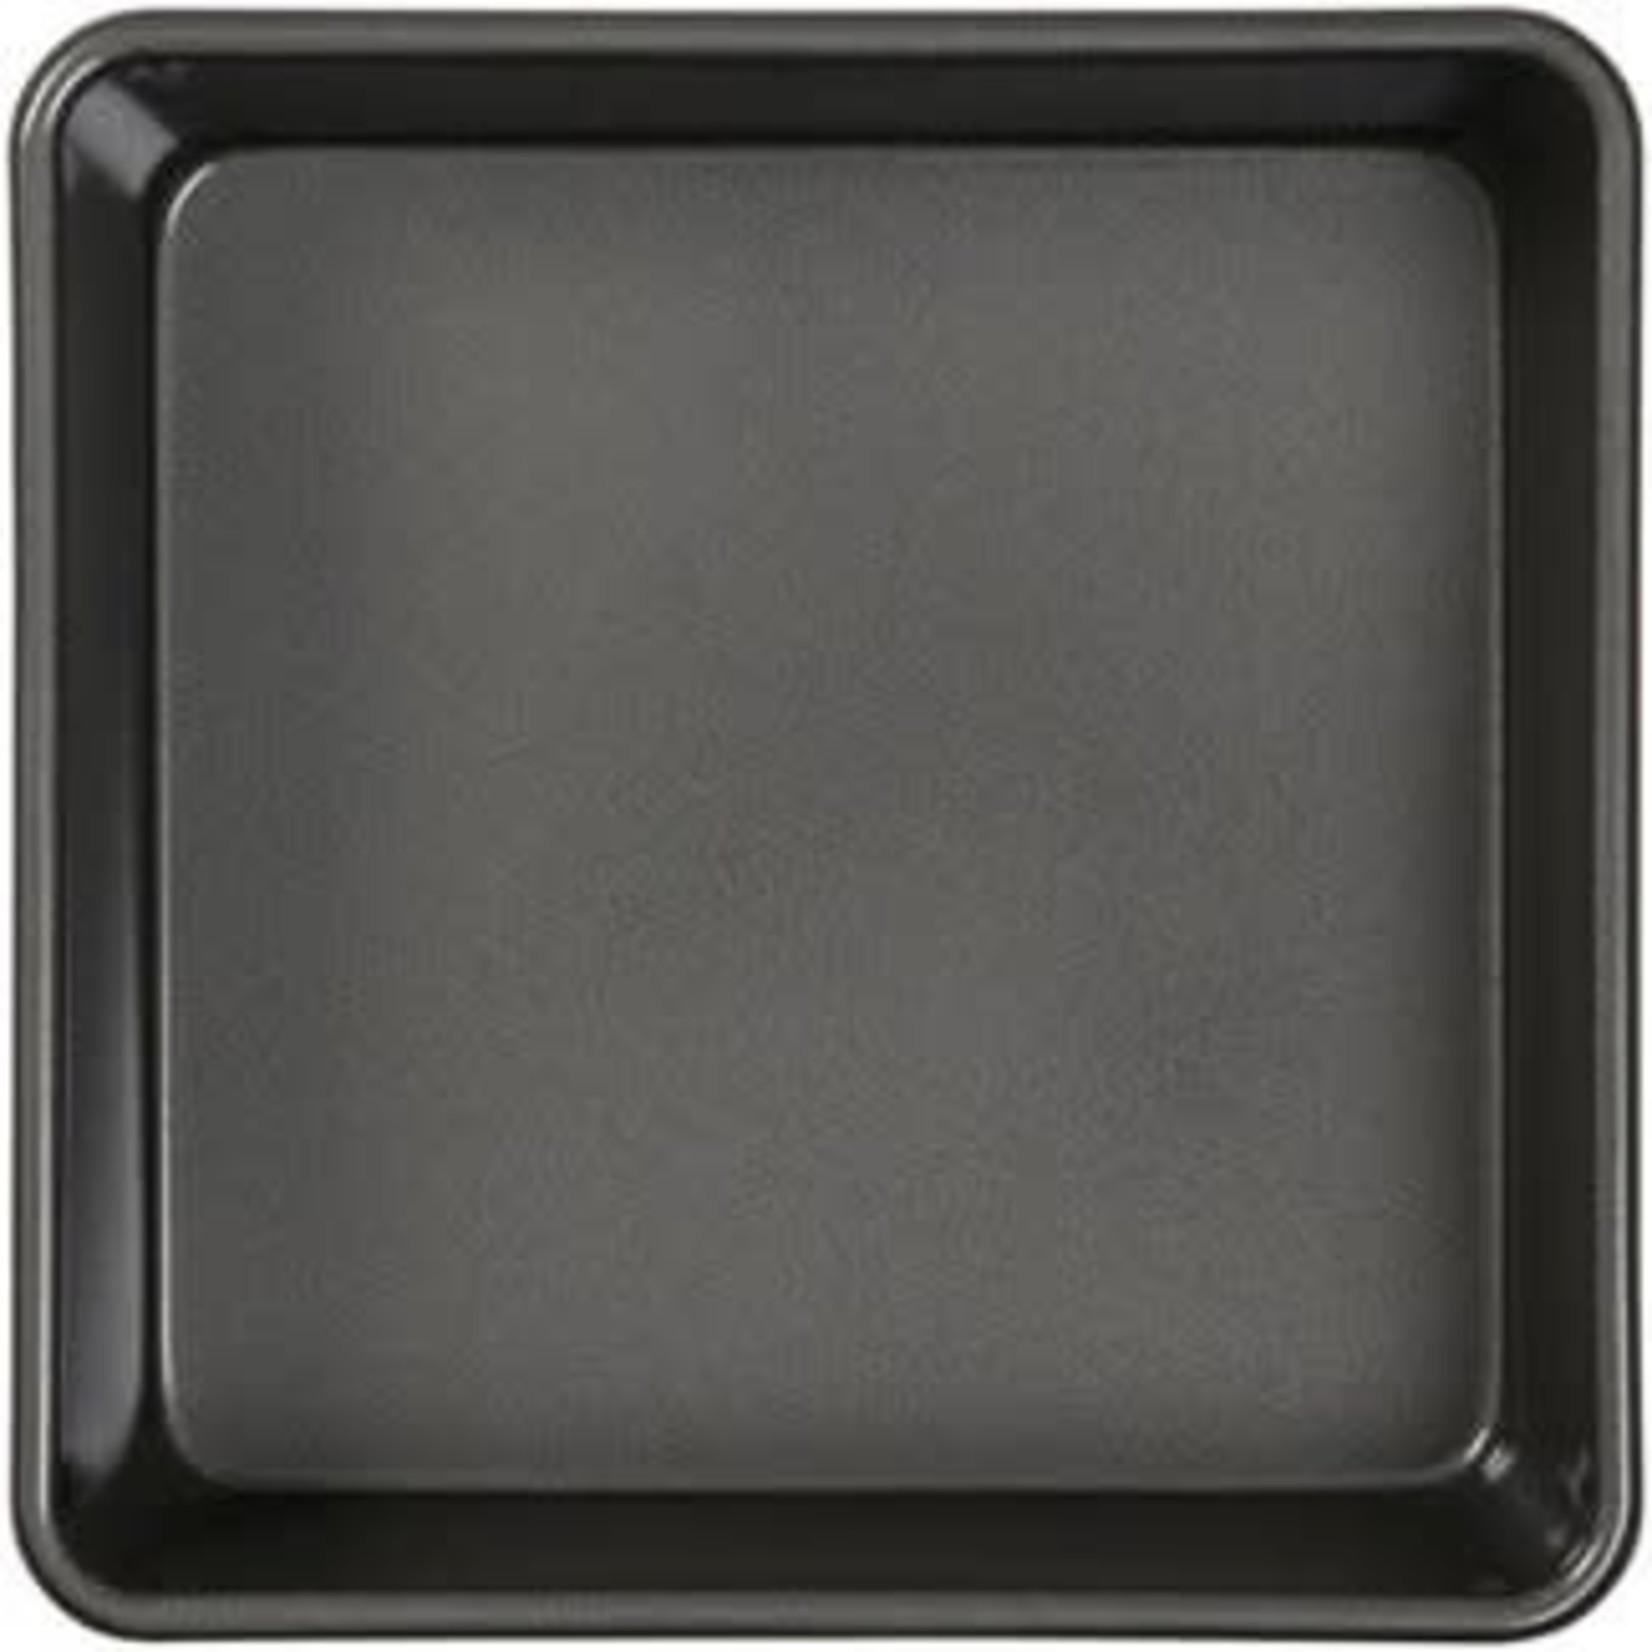 """Wilton Ultra Bake Professional 9"""" Nonstick Square Cake Pan"""